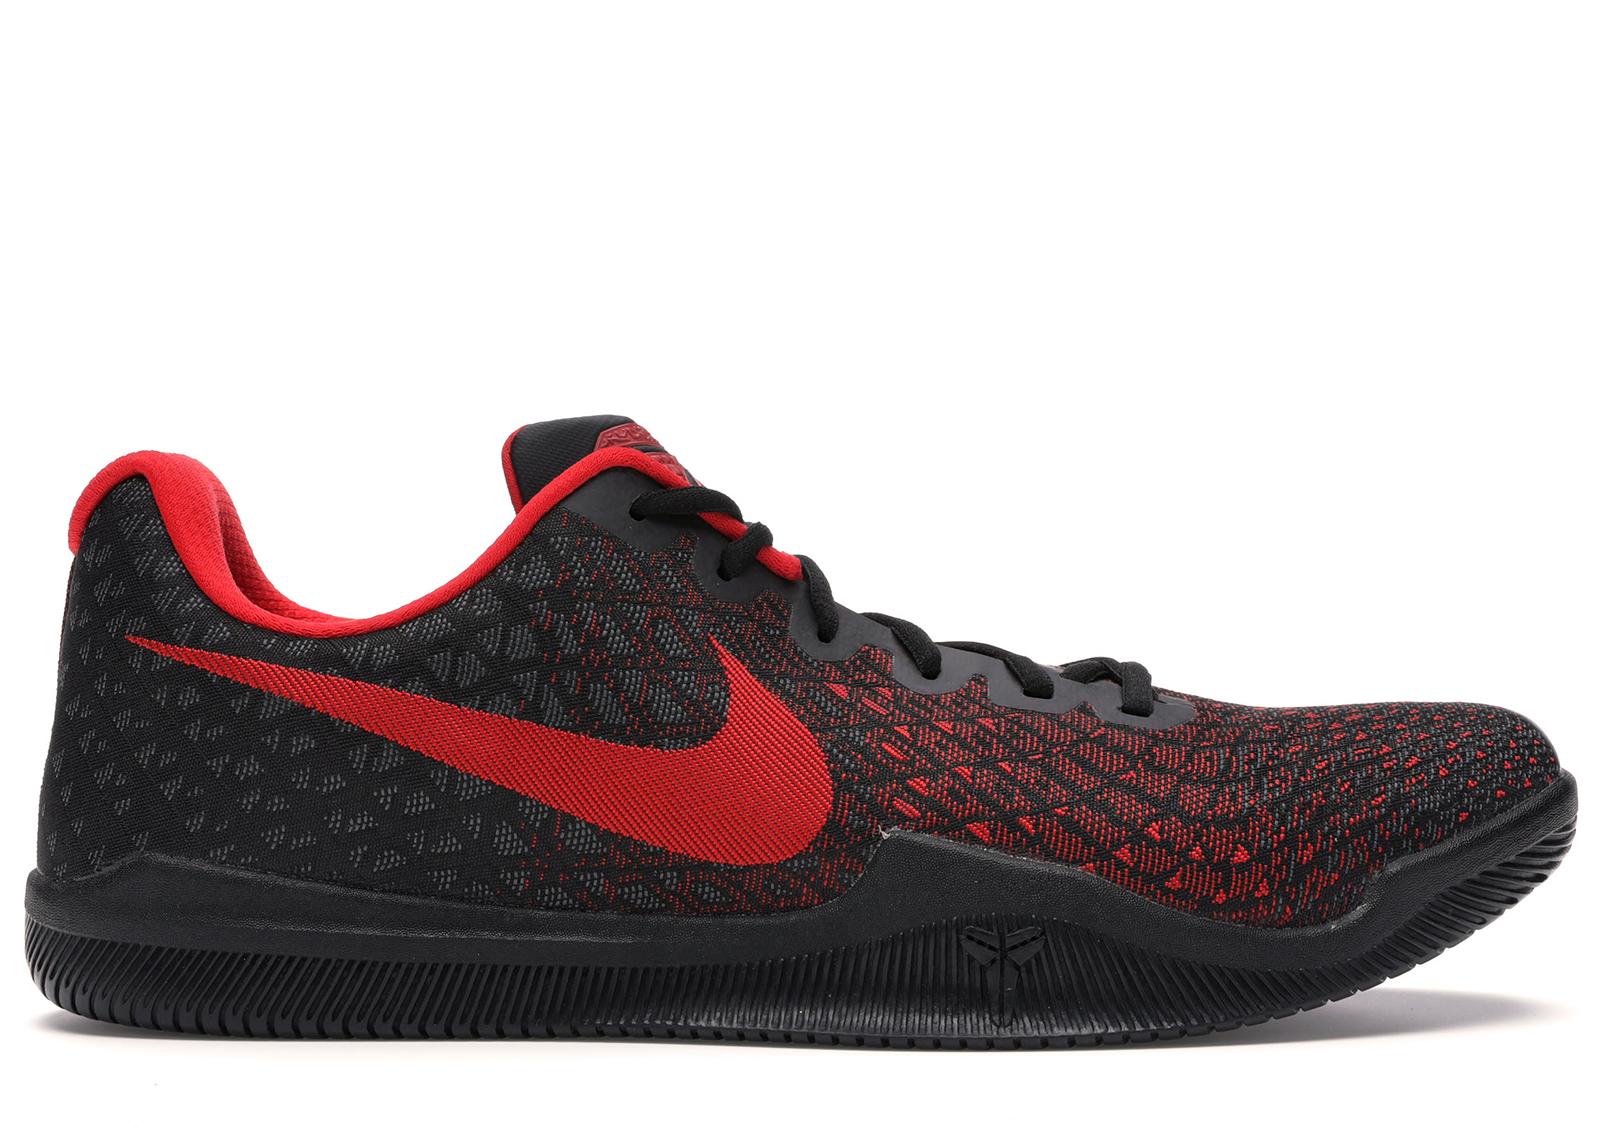 Nike Mamba Instinct Bred - 852473-016